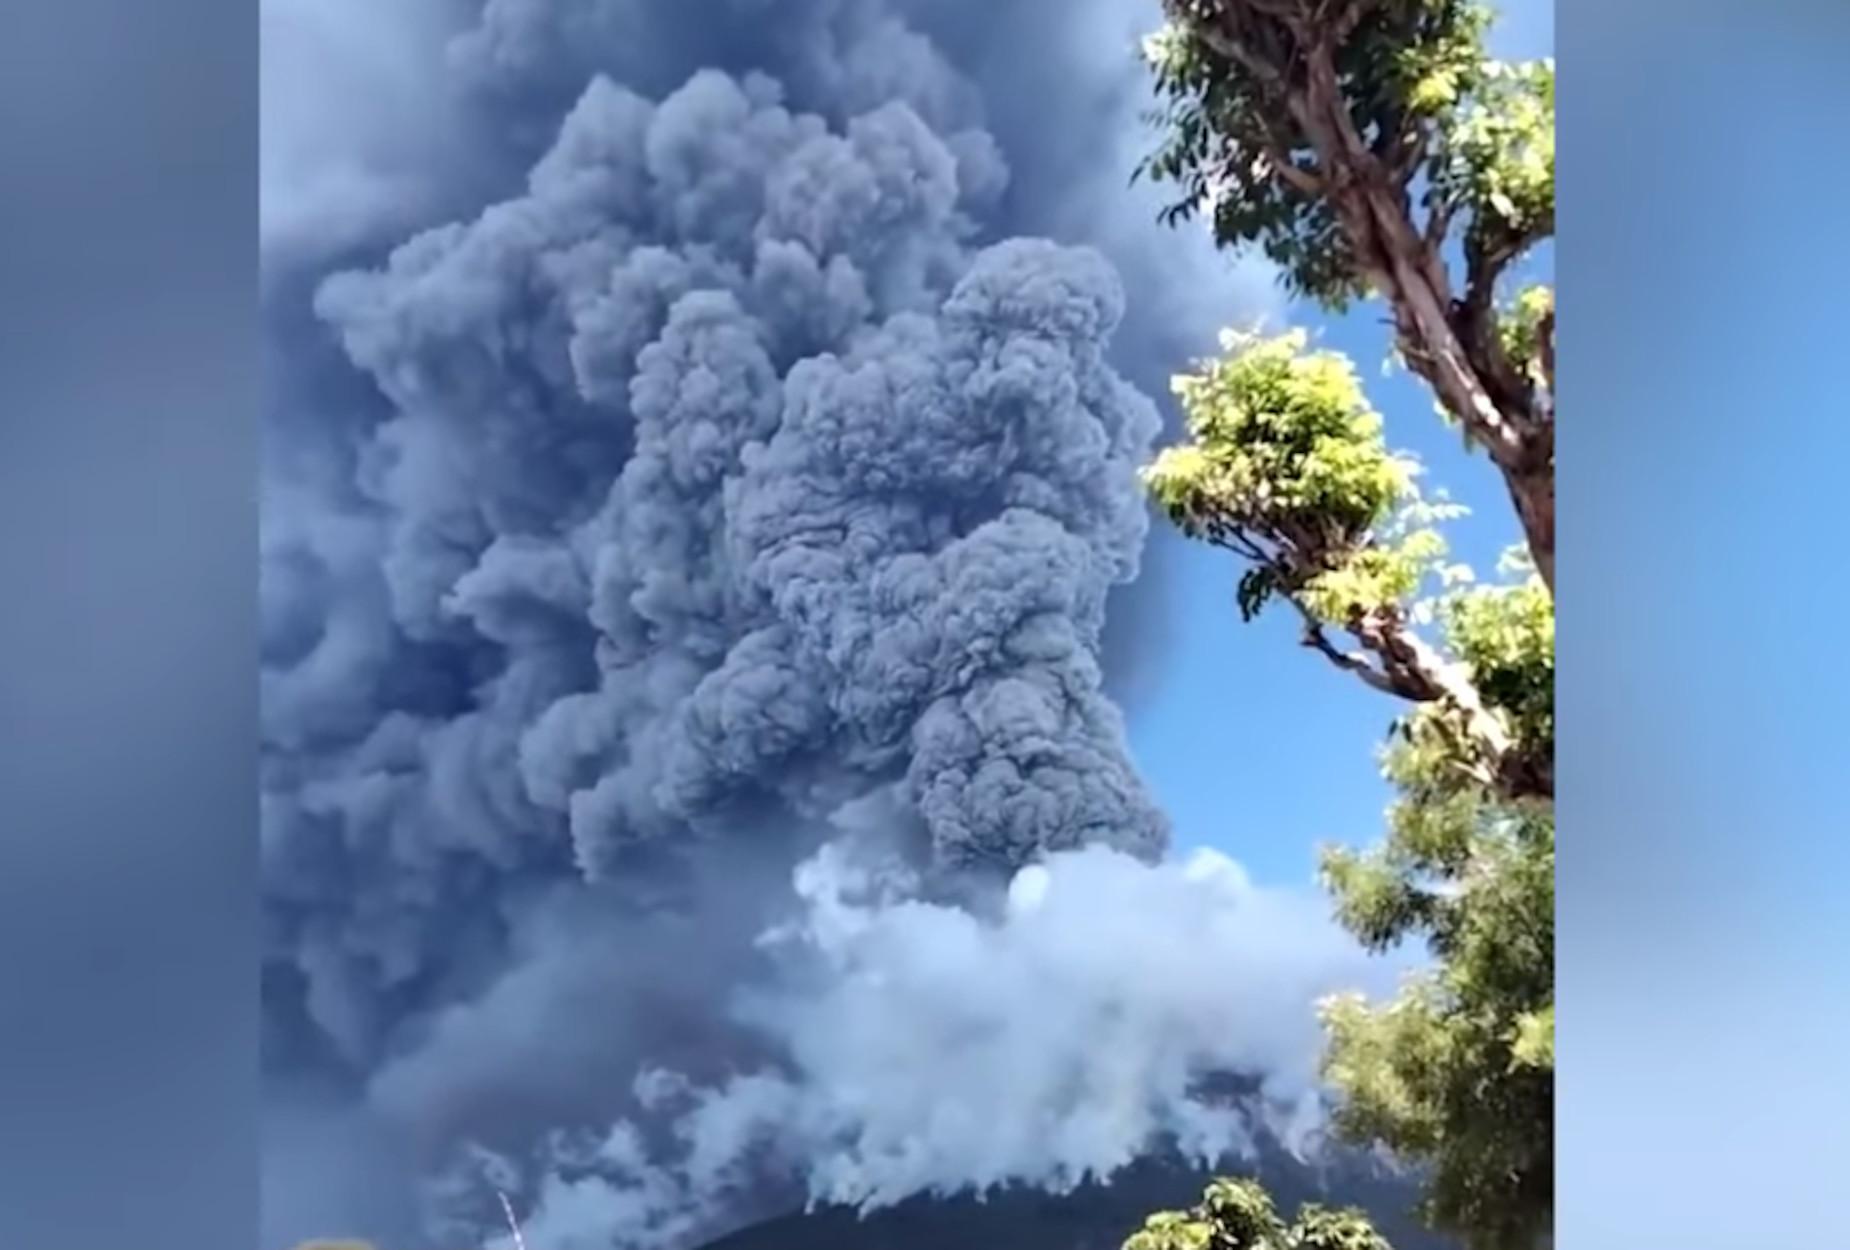 """Ινδονησία: """"Ξύπνησε"""" το ηφαίστειο Λεβοτόλο! Εικόνες που κόβουν την ανάσα (video)"""